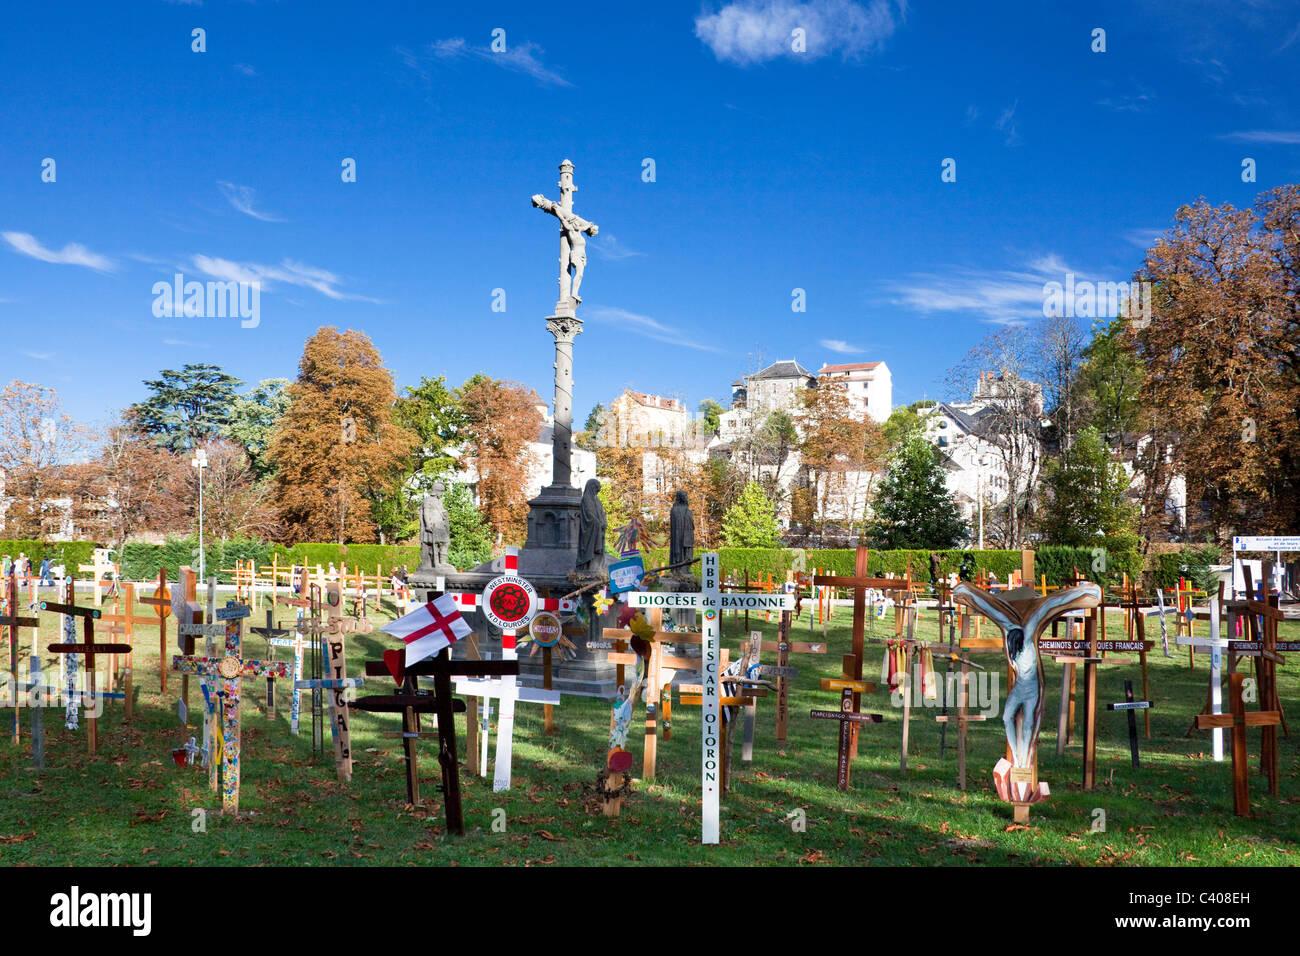 France, Europe, Lourdes, Pyrénées, lieu de pèlerinage, l'espoir, de miracle, croix, religion Banque D'Images